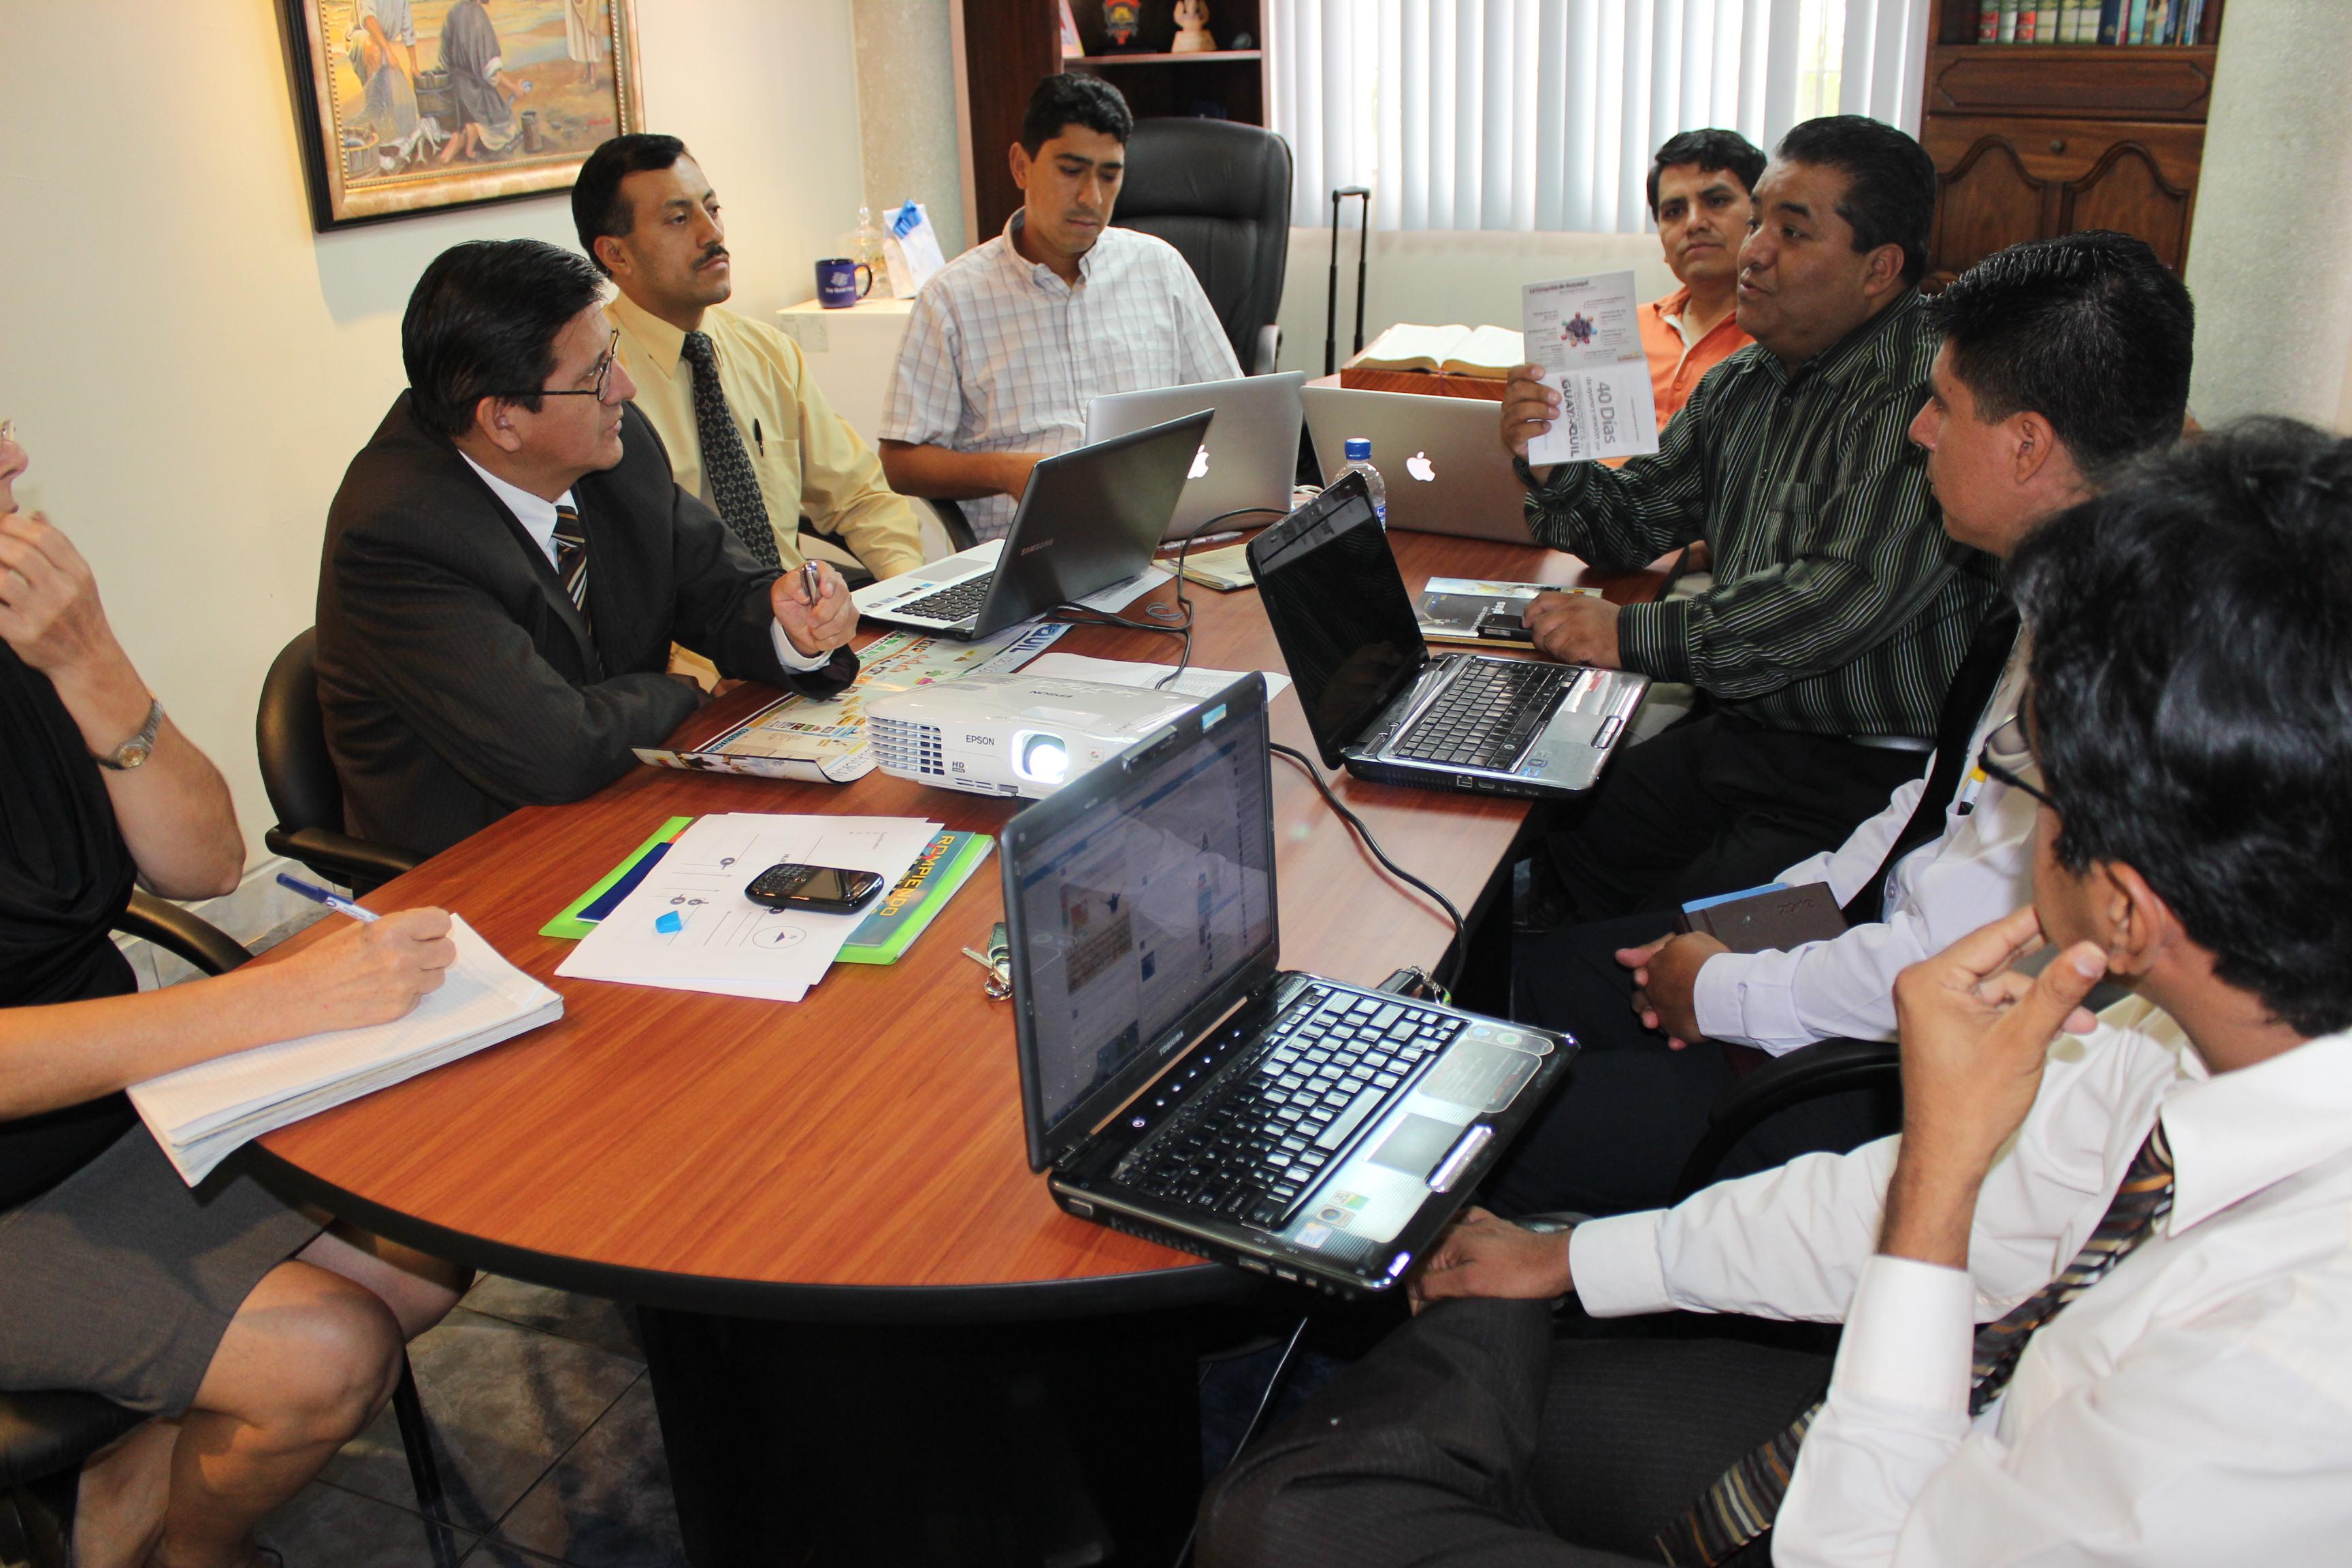 Líderes de la iglesia en Ecuador planifican proyectos para el siguiente año